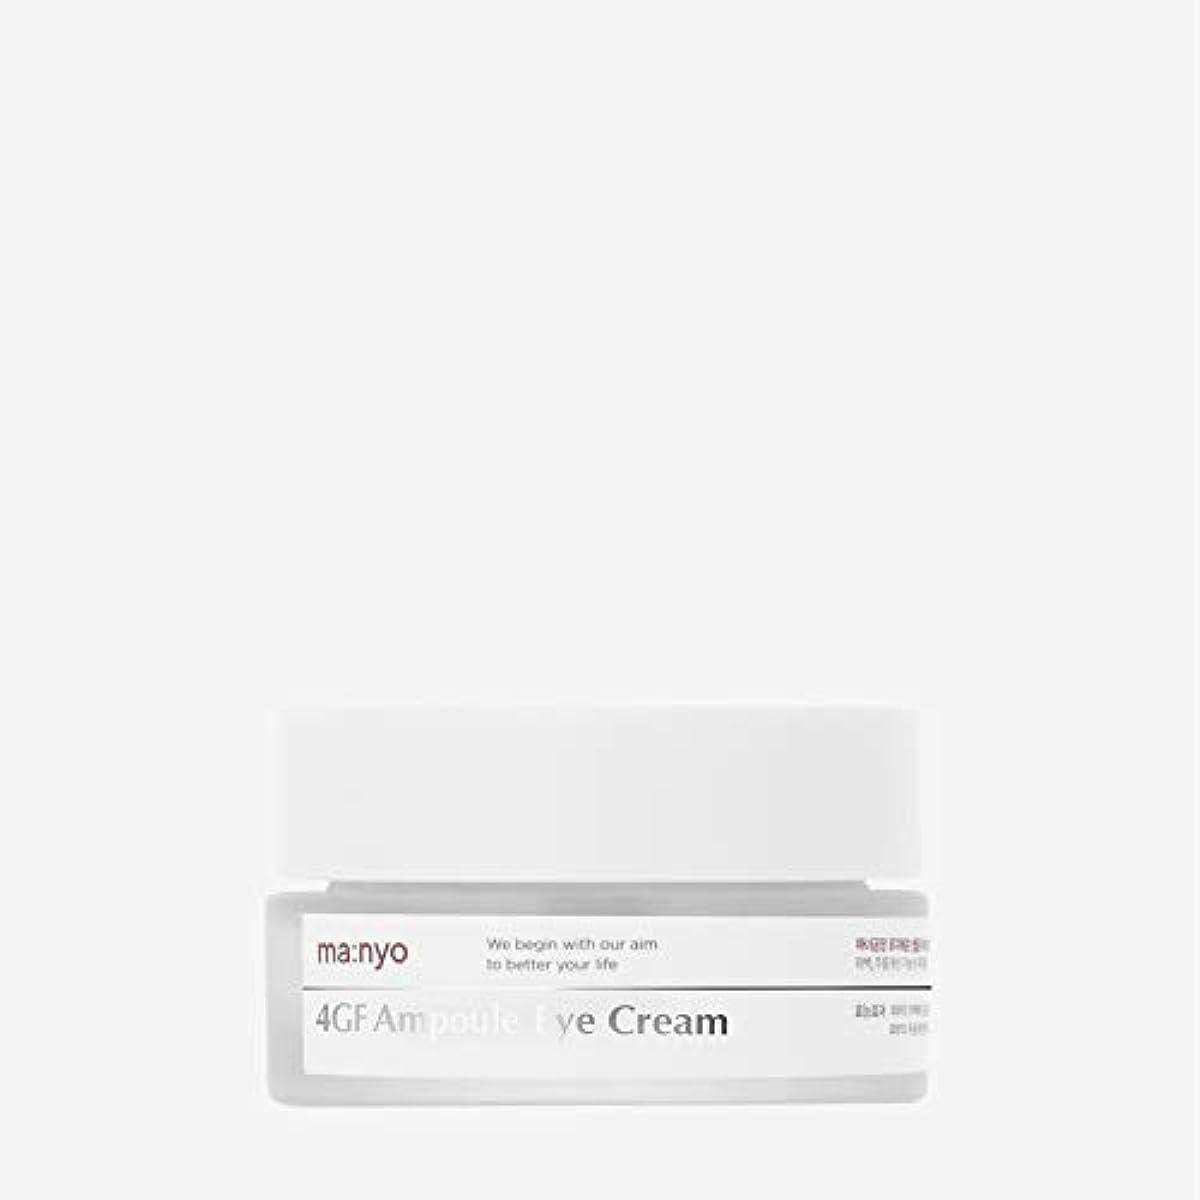 容量み変数魔女工場(Manyo Factory) 4GFアイクリーム 30ml / 死ぬまでに1度は塗ってみたい、その成分 [並行輸入品]